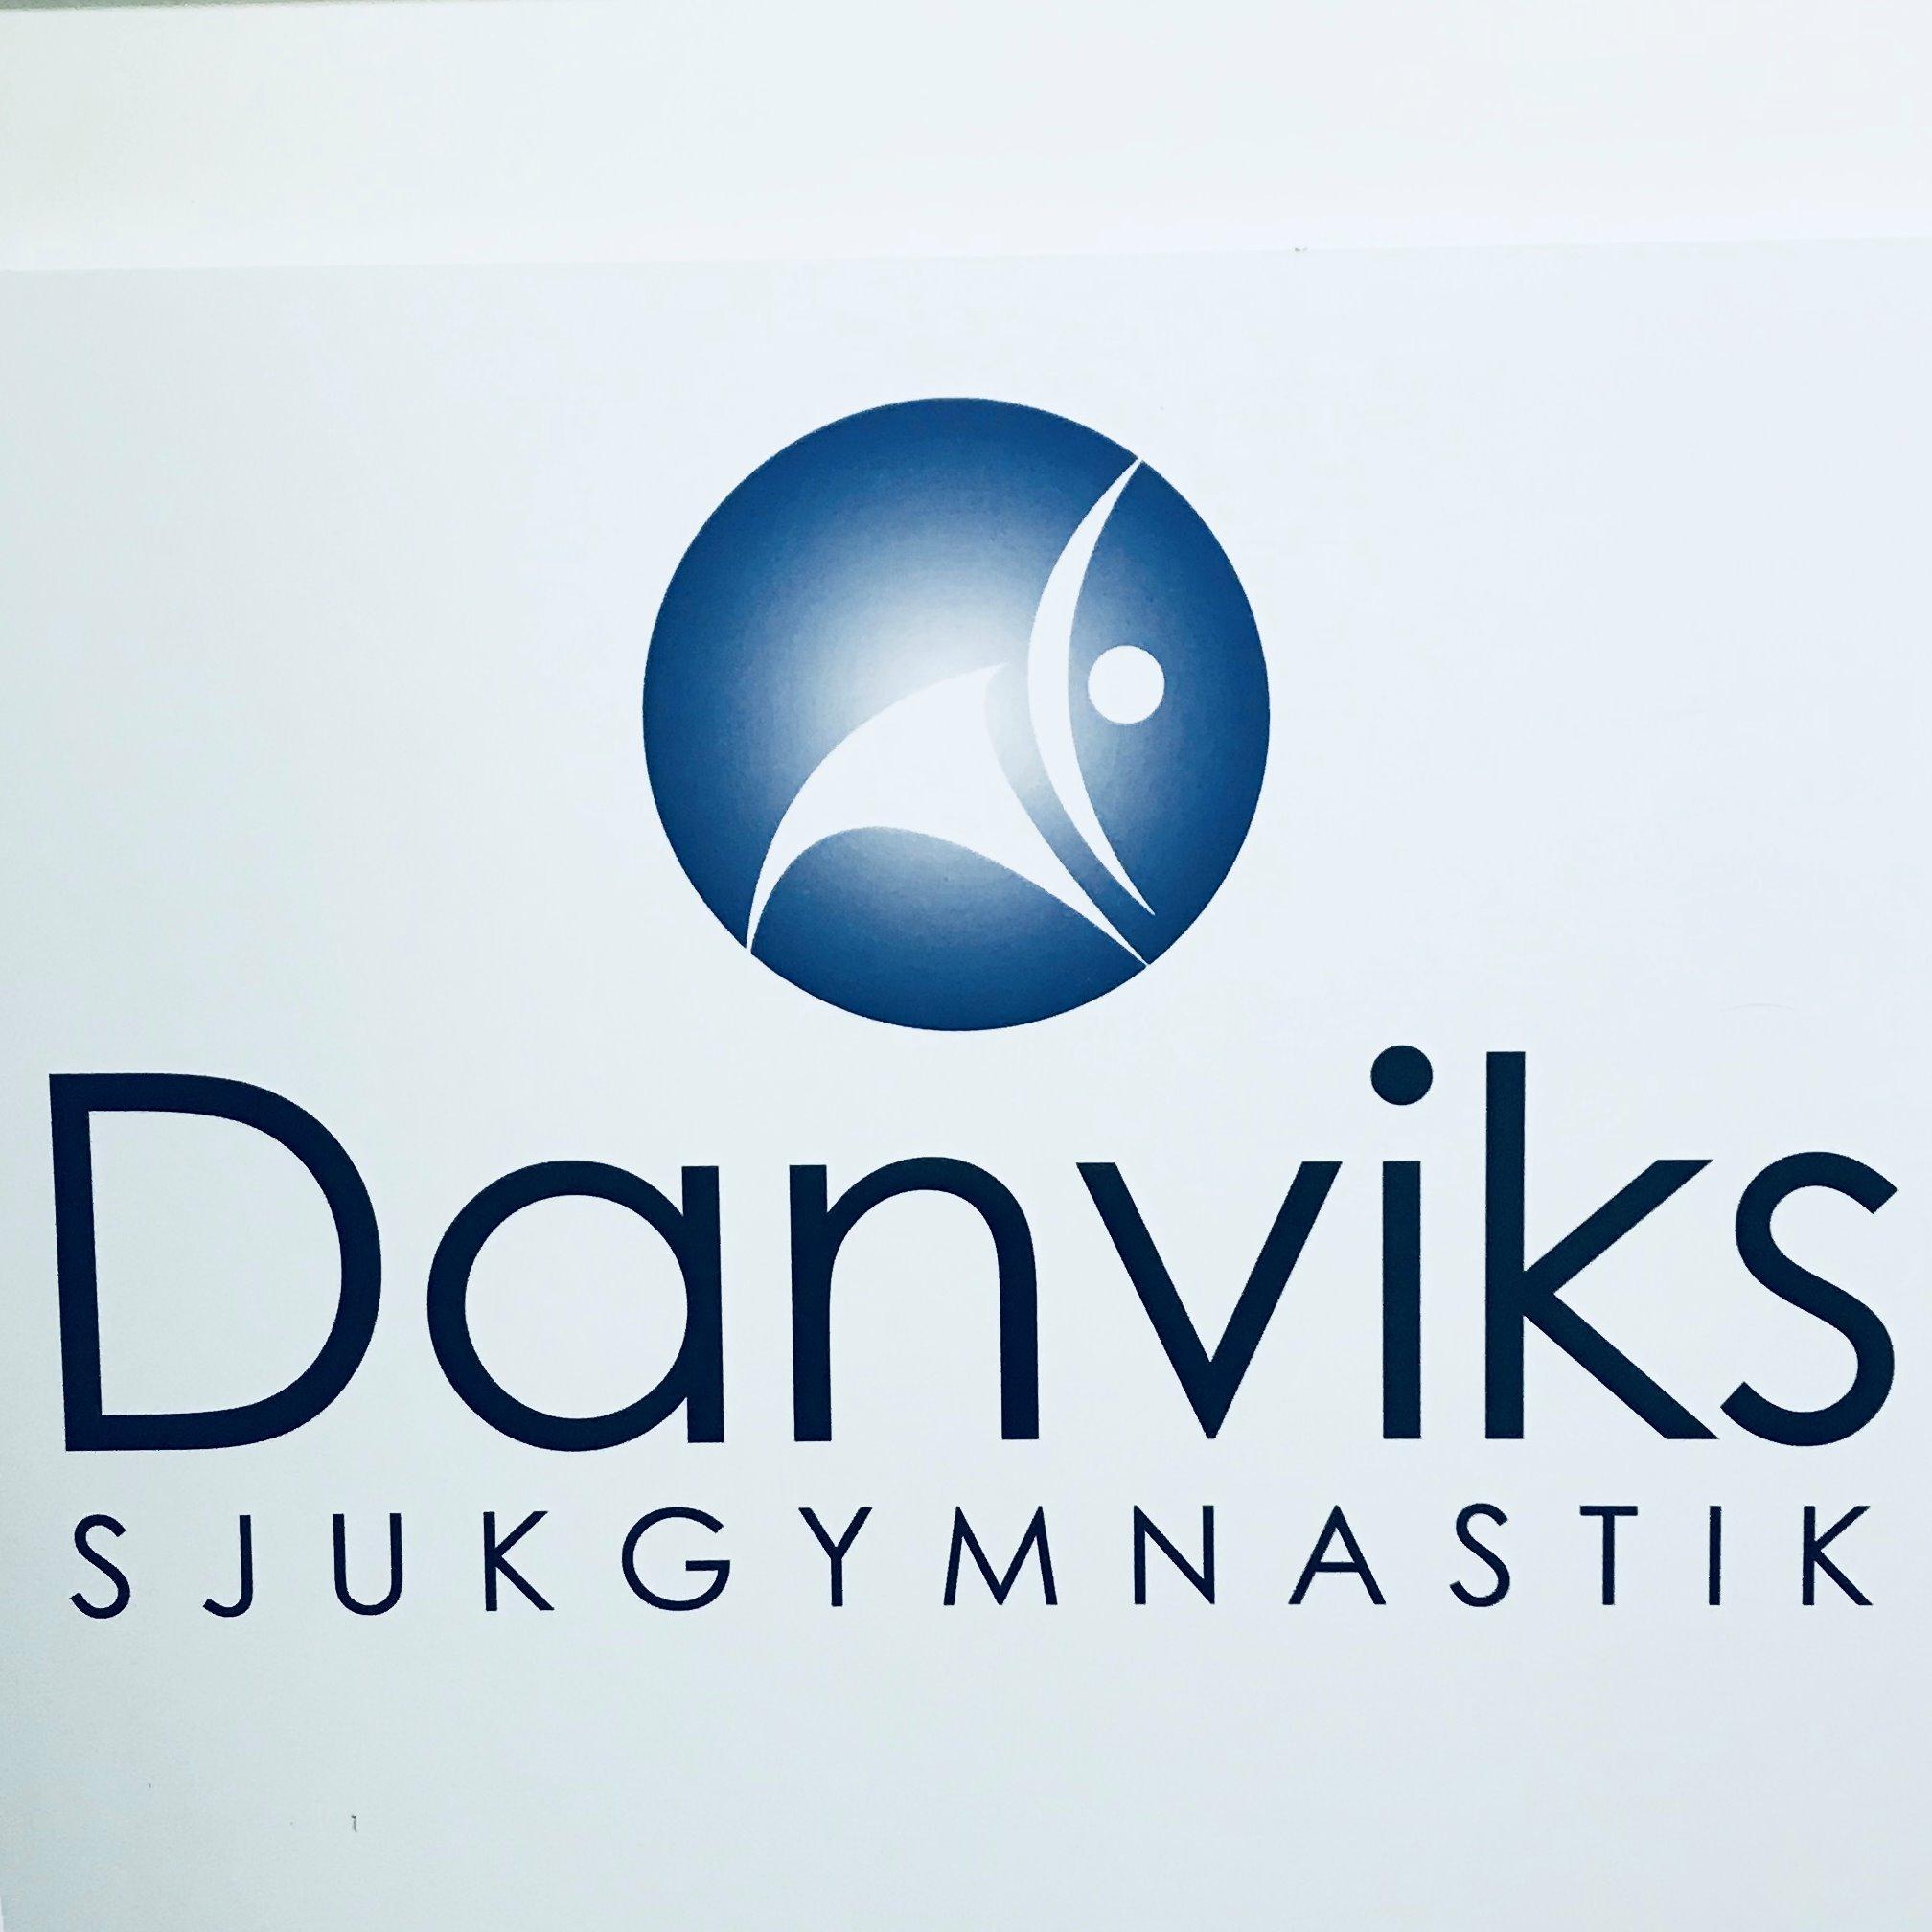 Danviks Sjukgymnastik